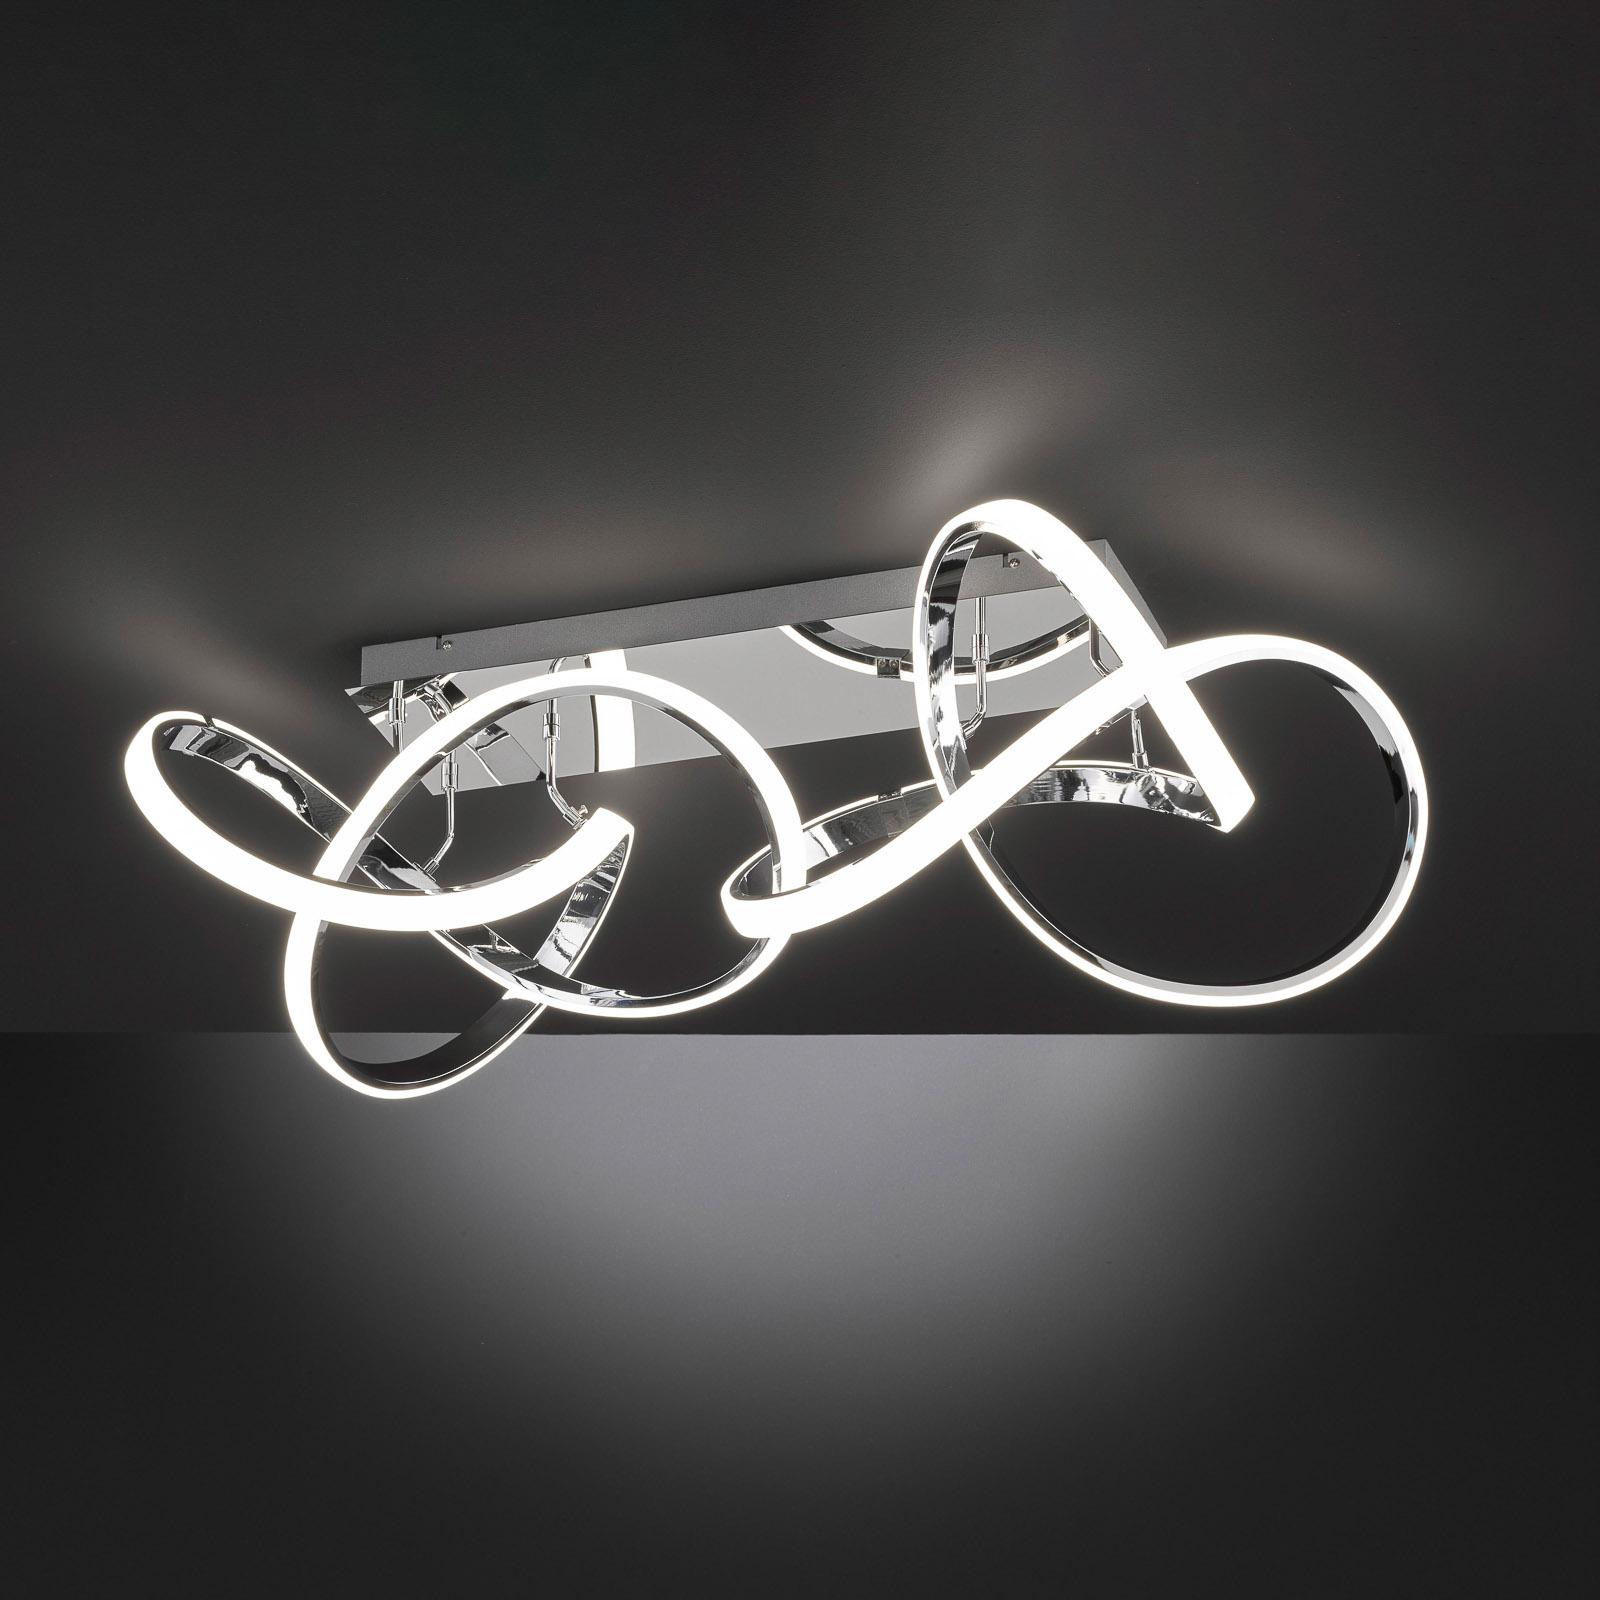 LED-taklampe Indigo, 2 lyskilder, blank krom